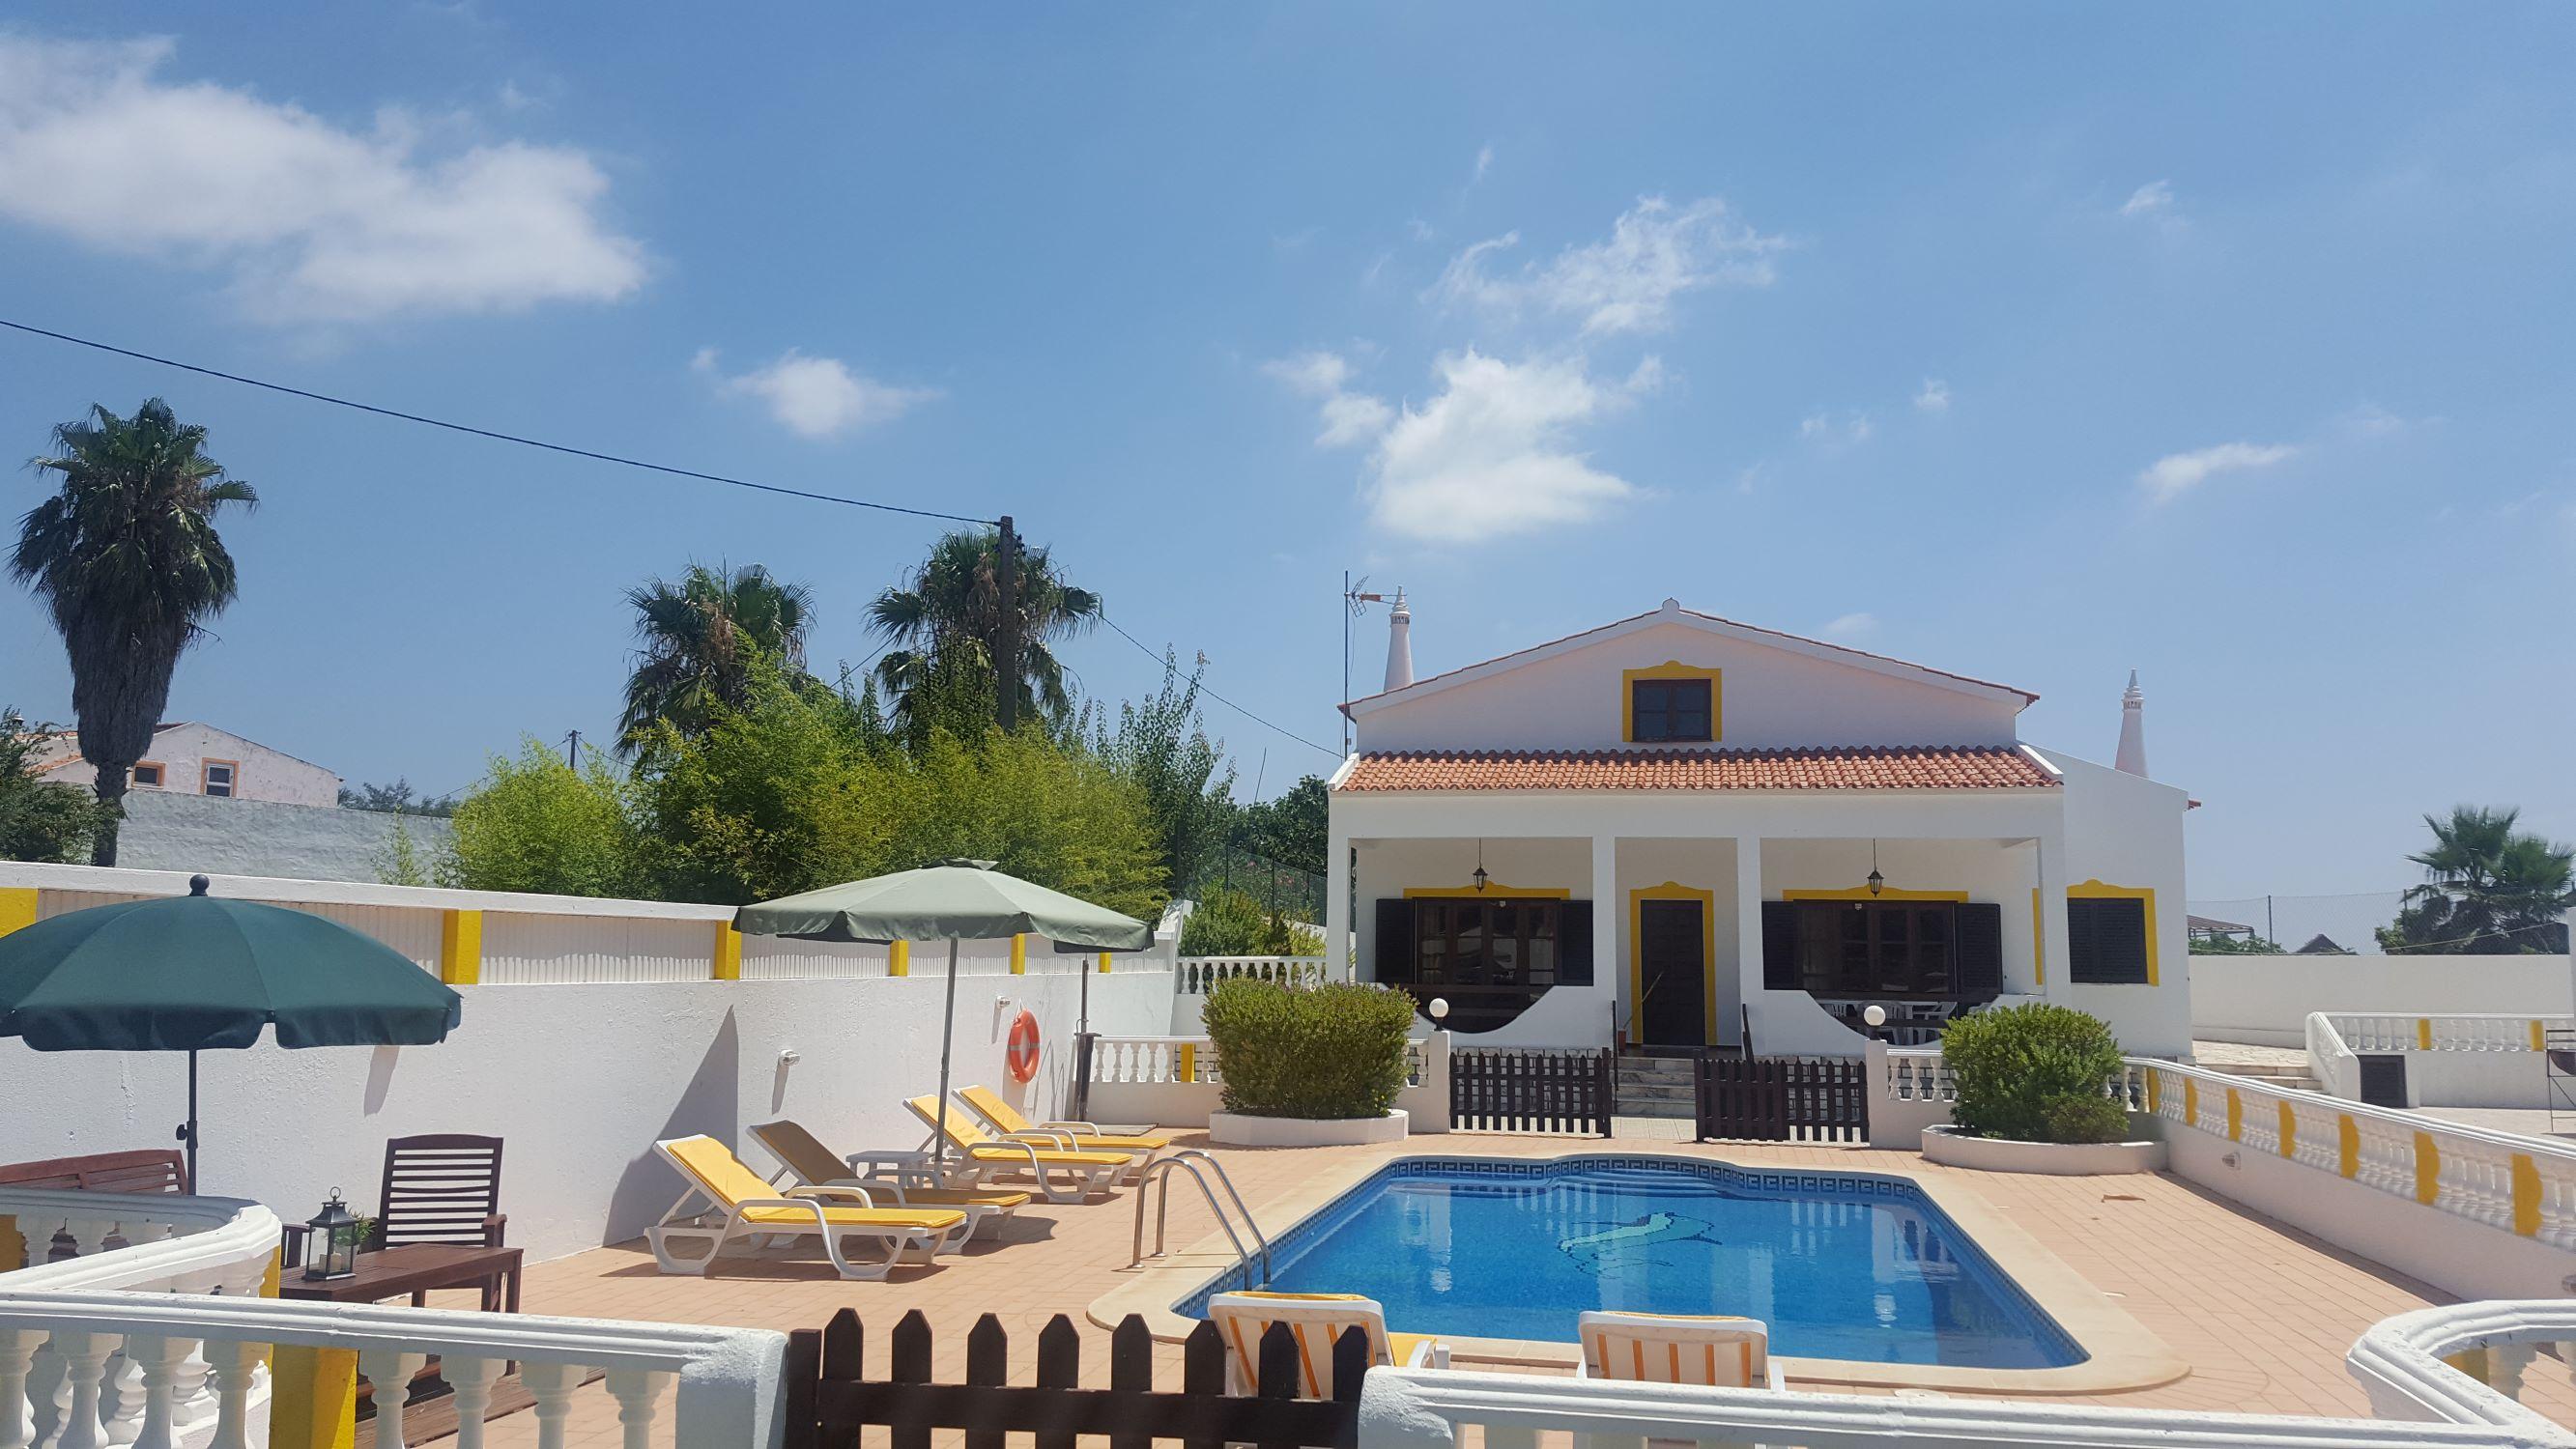 Location appartements et villas de vacance, Vivenda com piscina em Silves à Silves, Portugal Algarve, REF_IMG_8068_8079